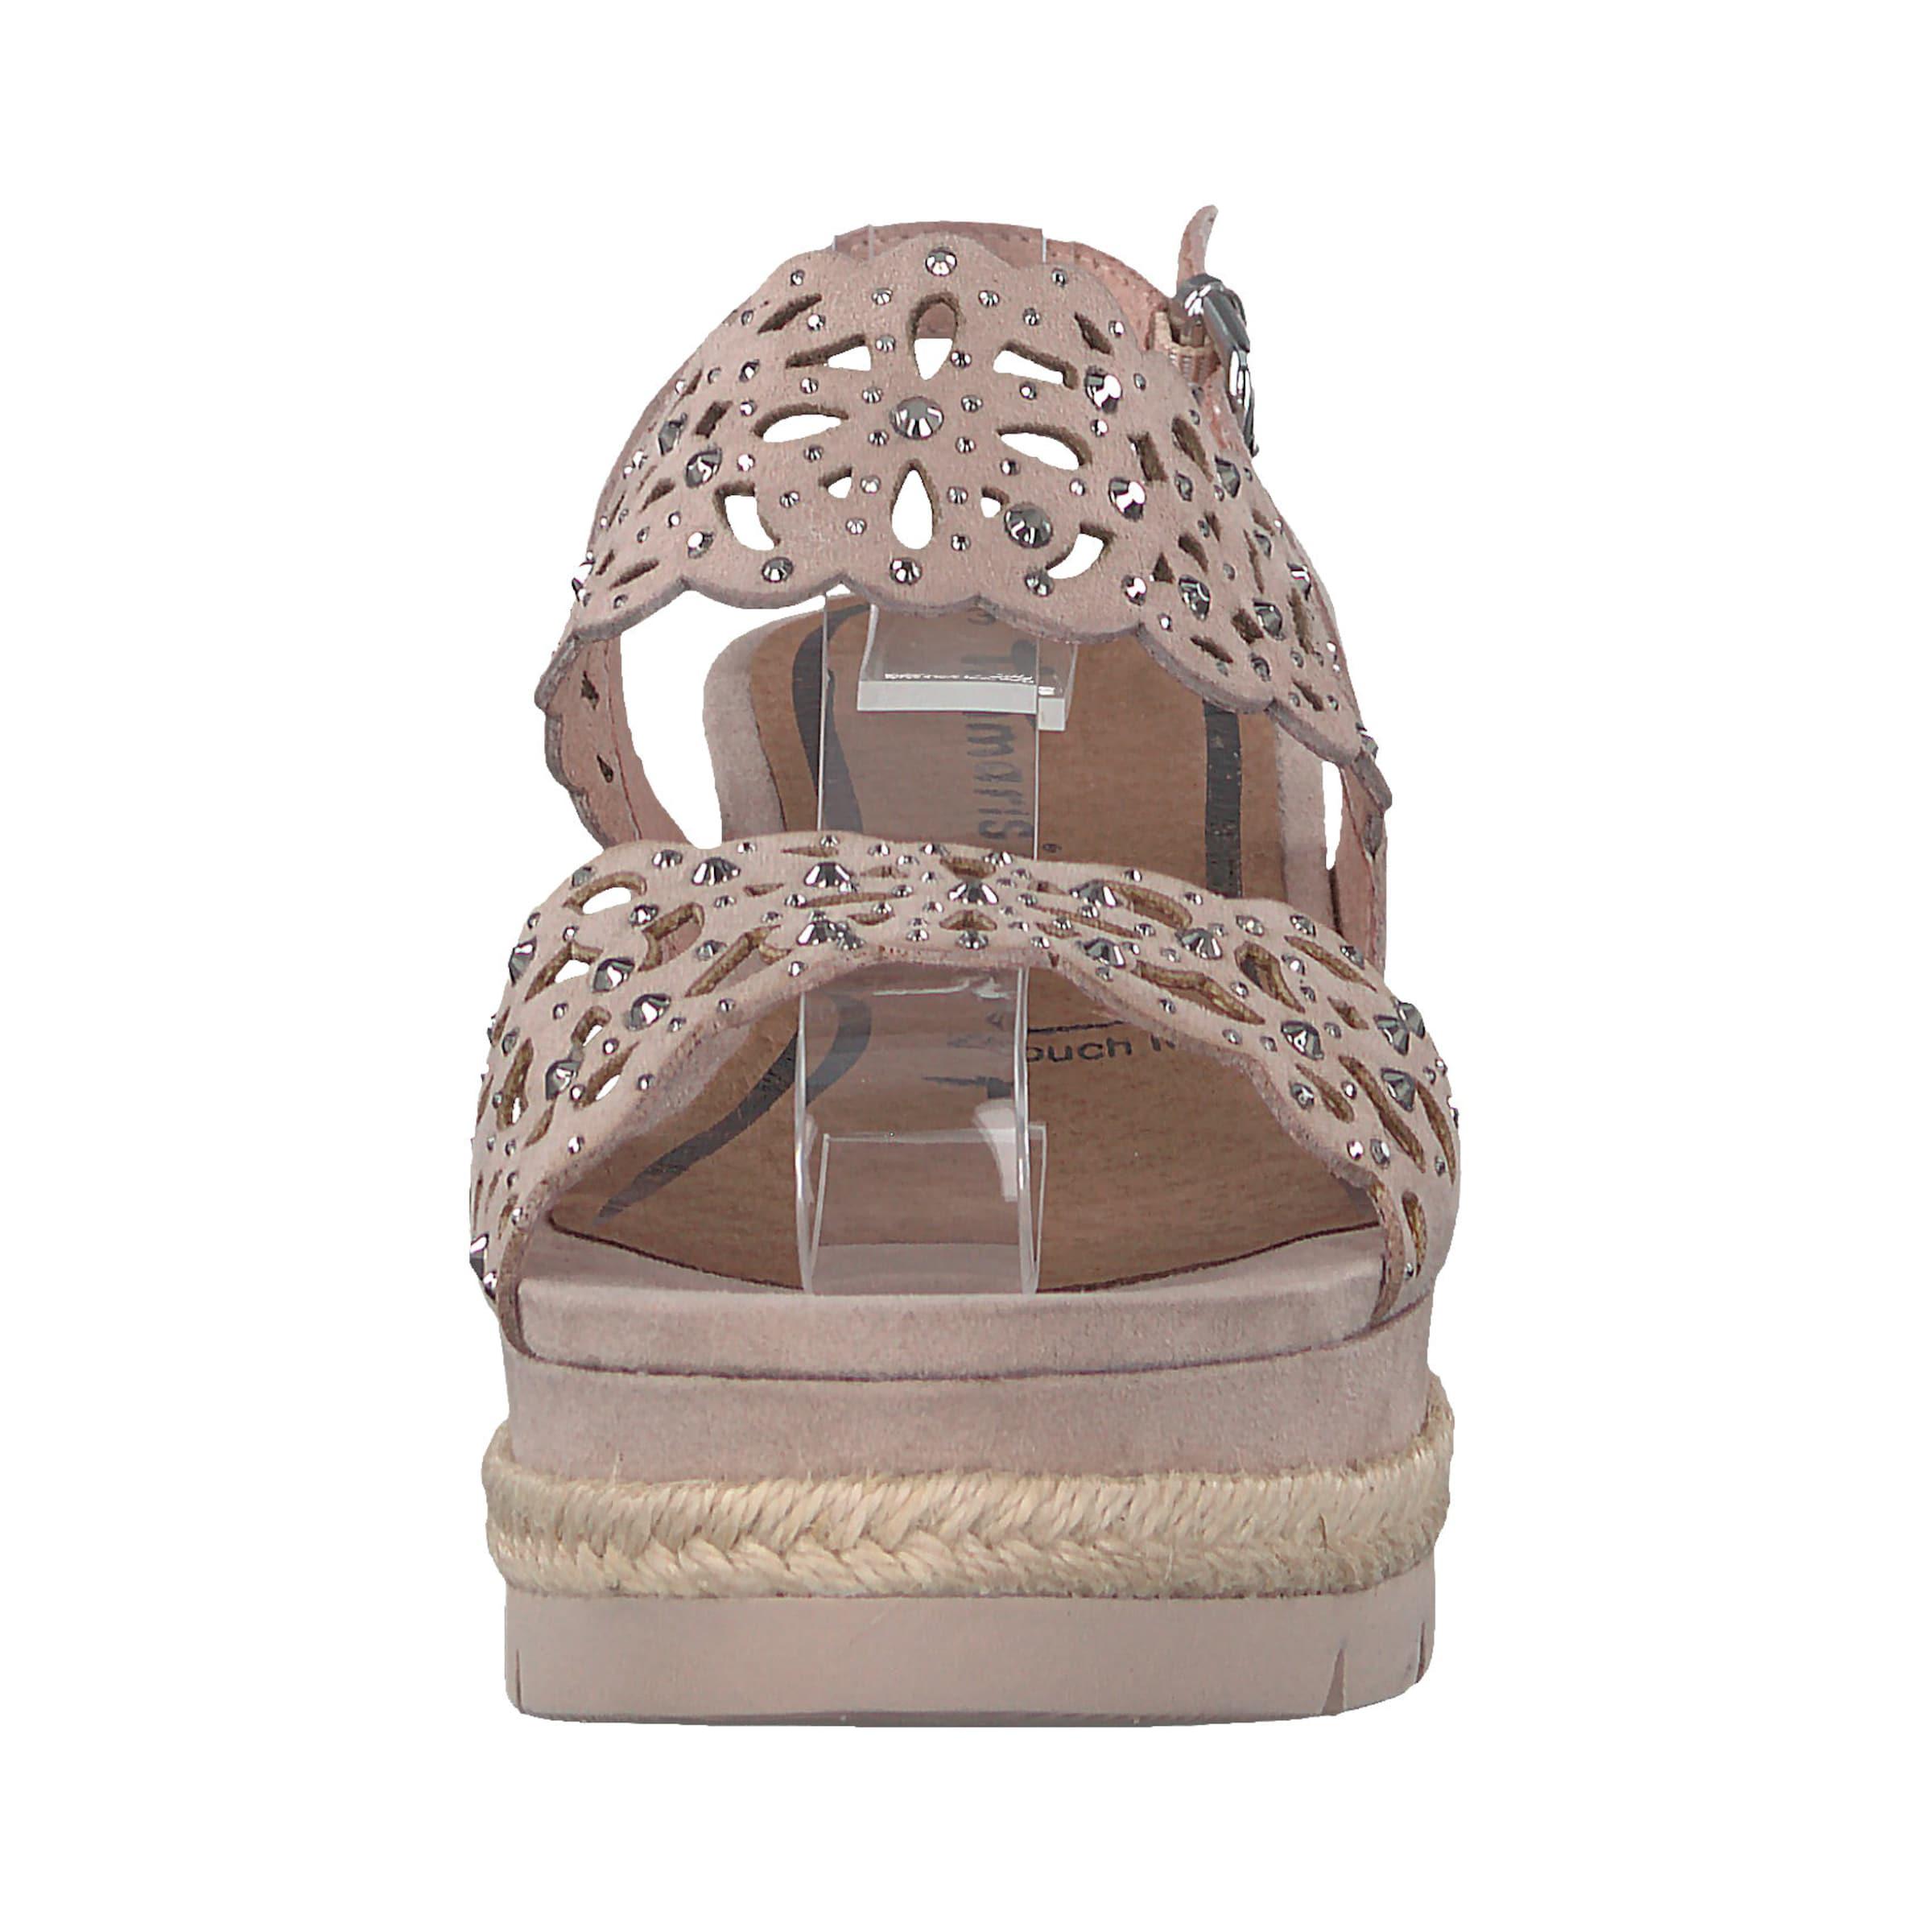 TAMARIS Plateau-Sandale Leder, Textil Verkaufen Sie saisonale Aktionen Aktionen Aktionen 1d3a6a